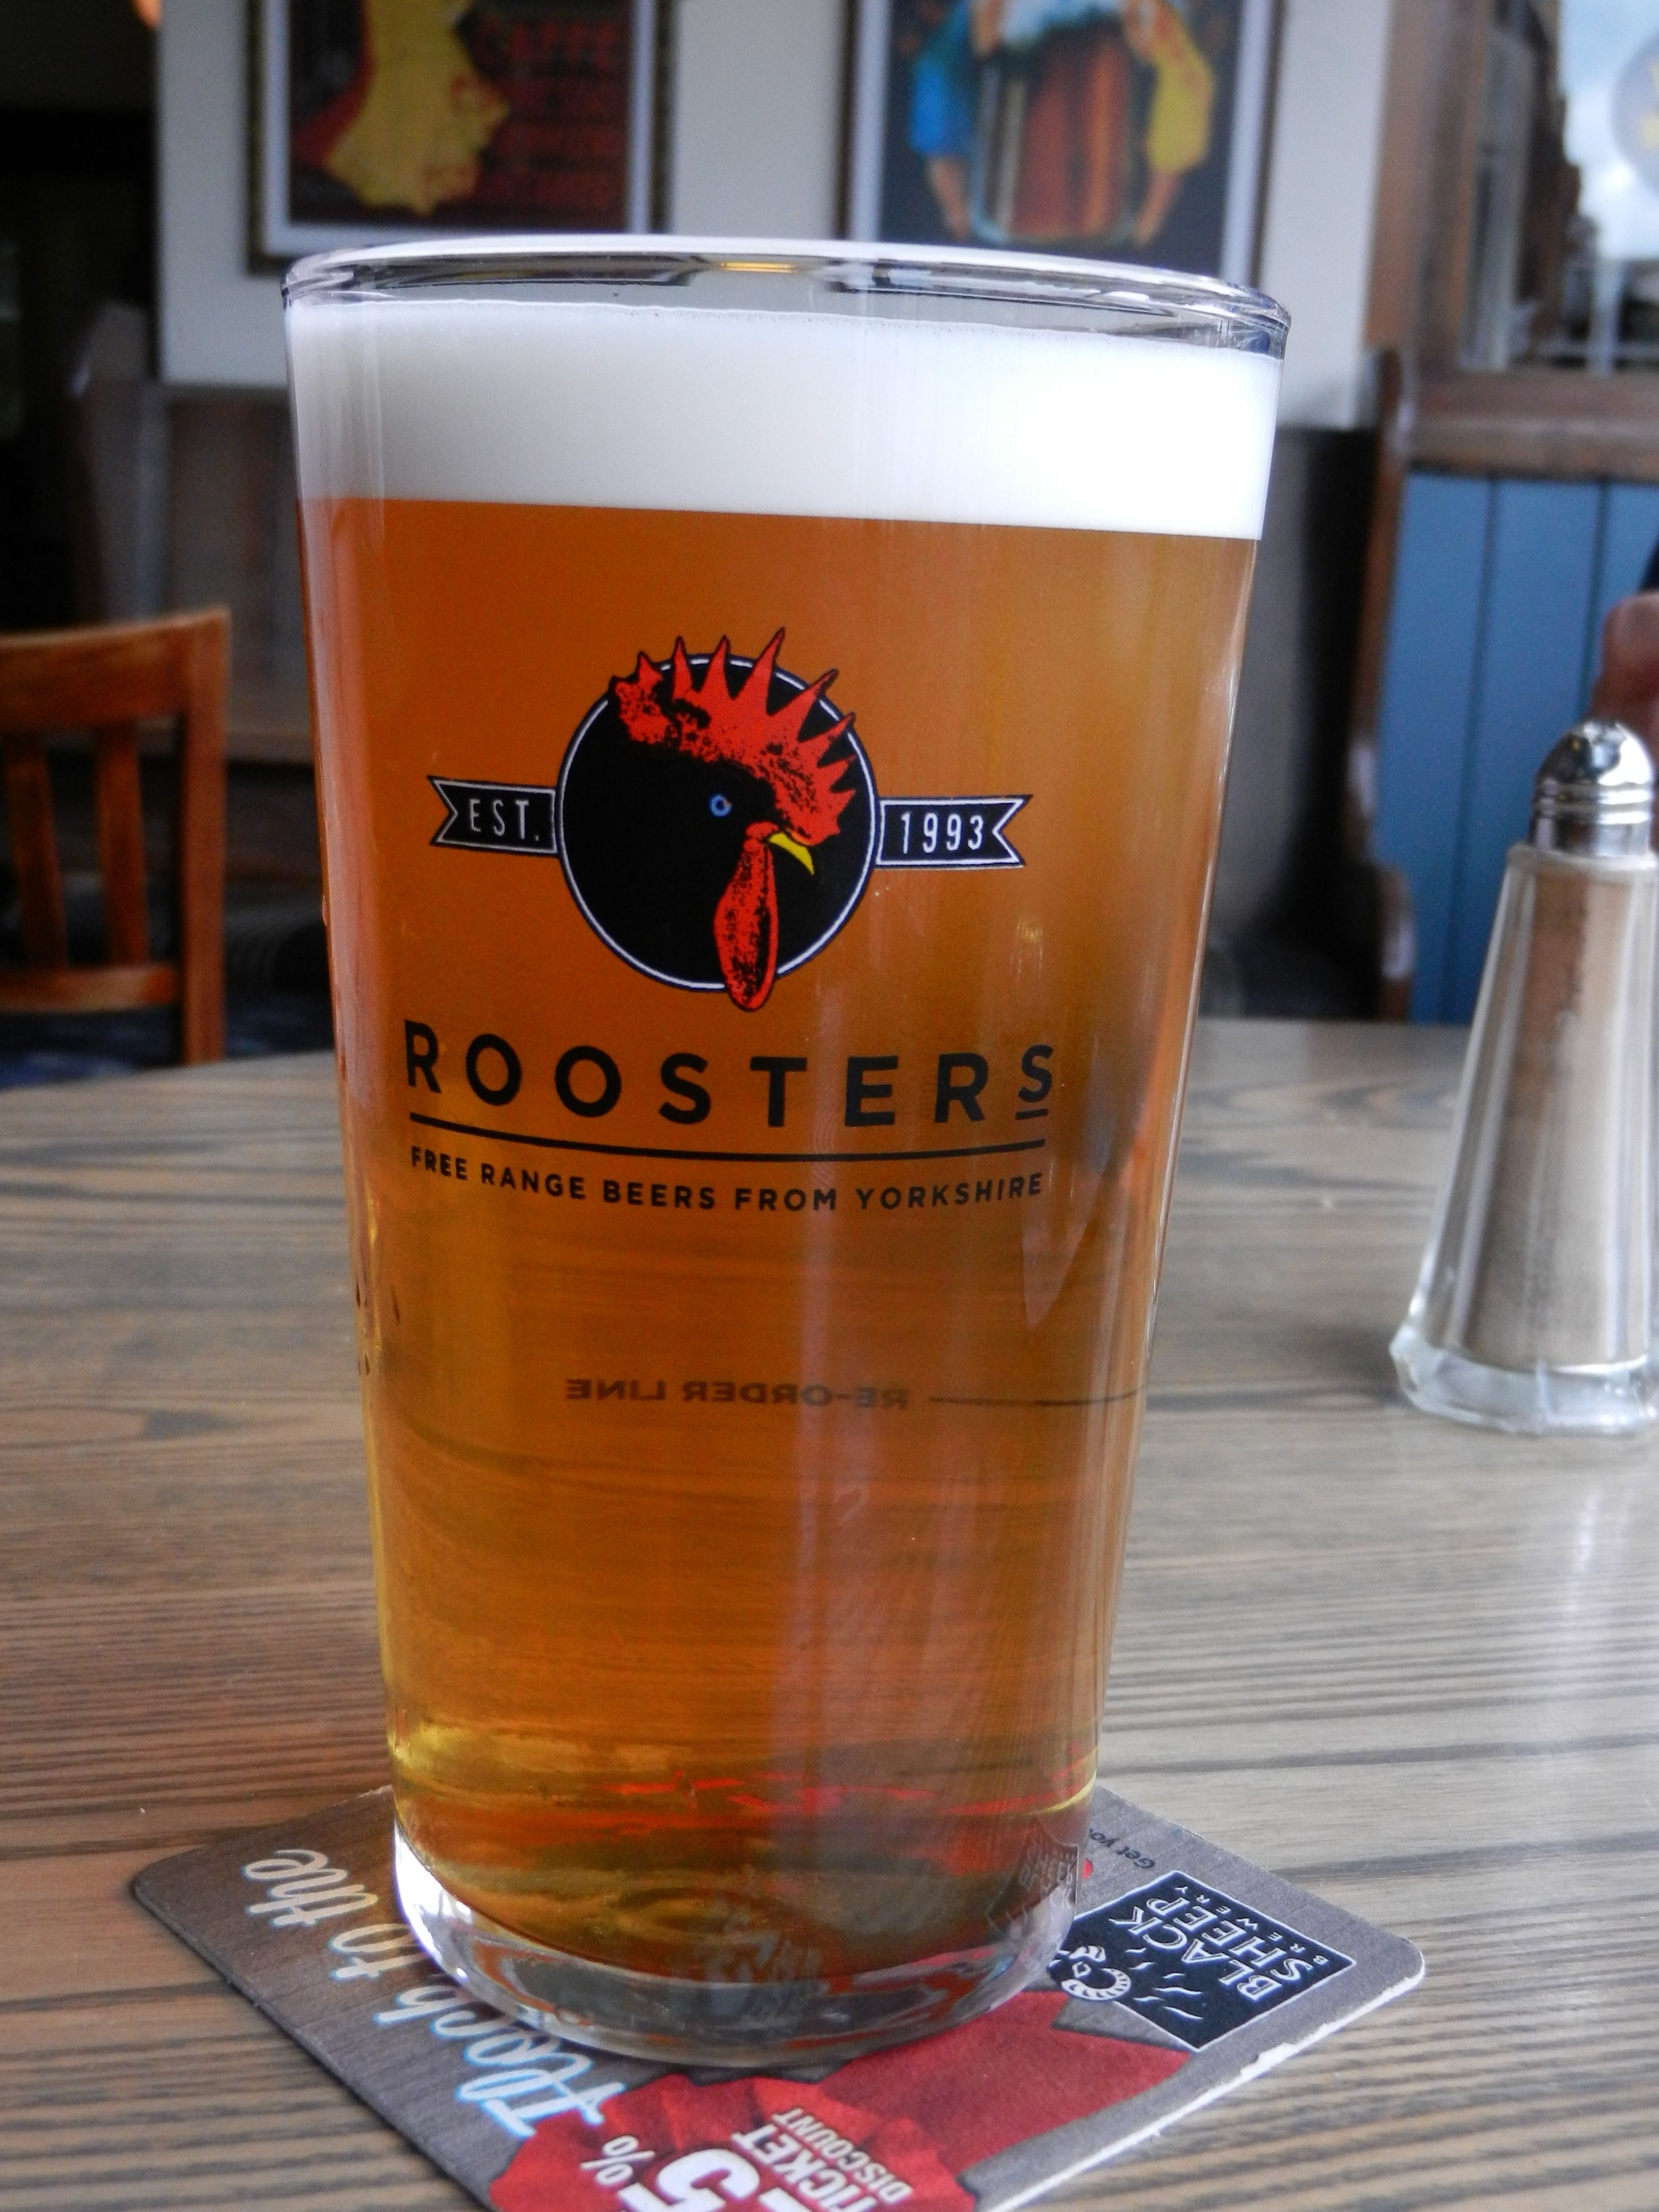 Roosters Wild Mule in Veritas, Leeds Beer, Glassware